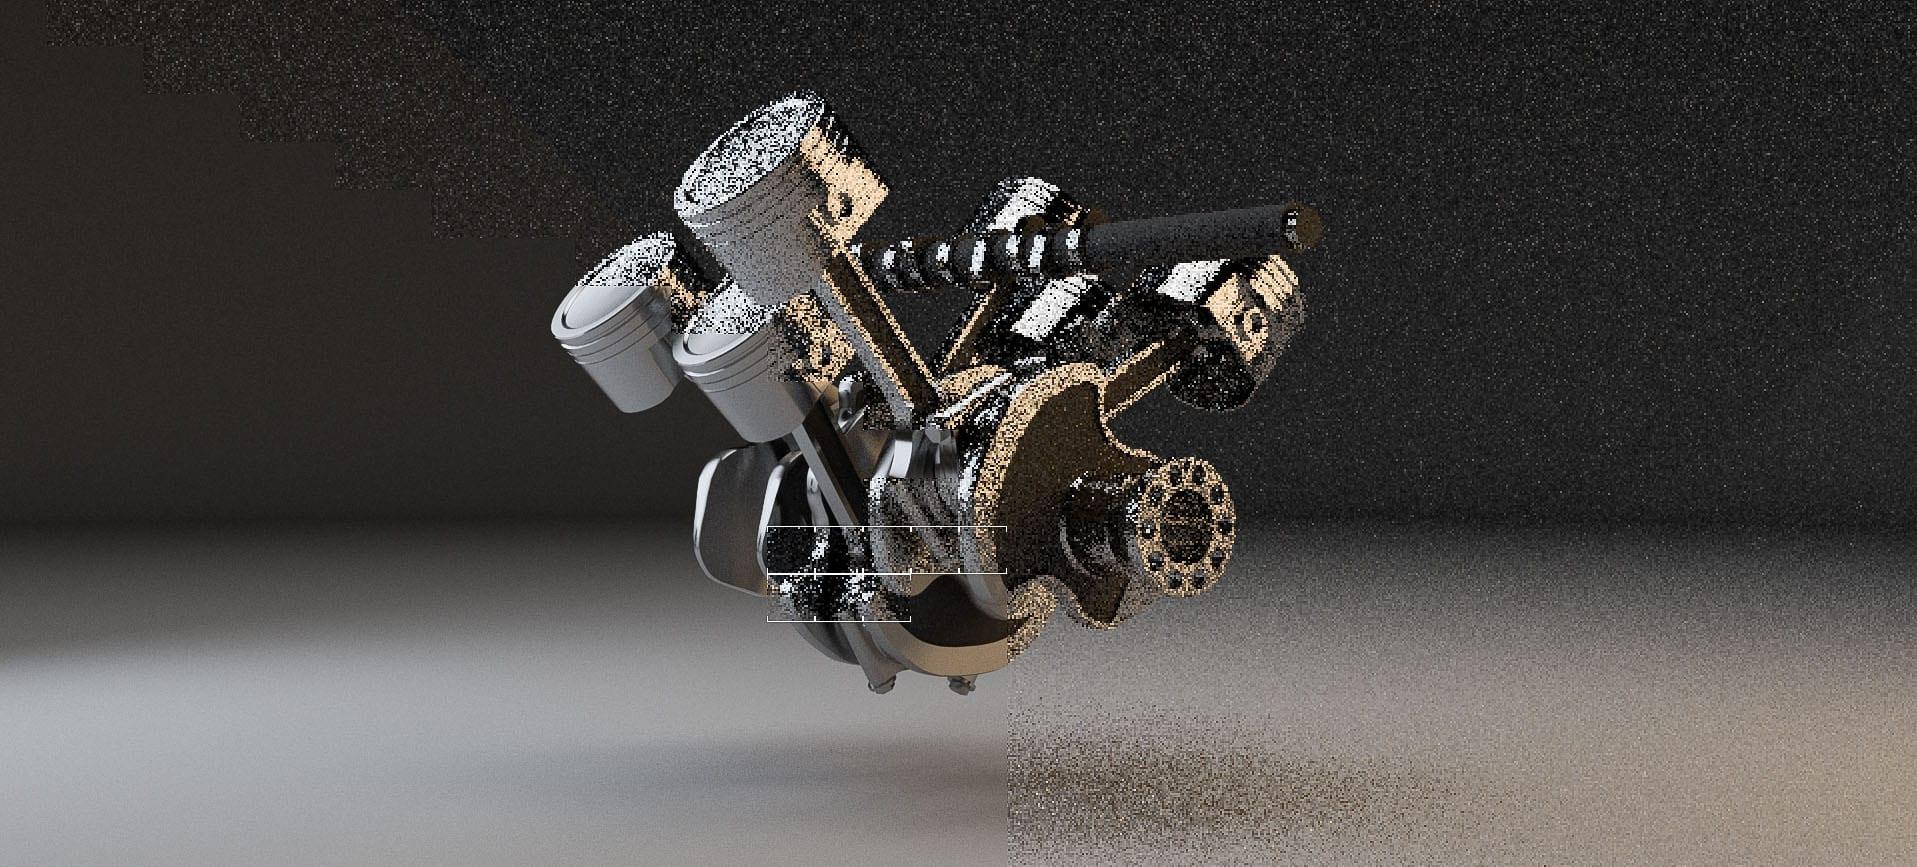 renders-3d-motor